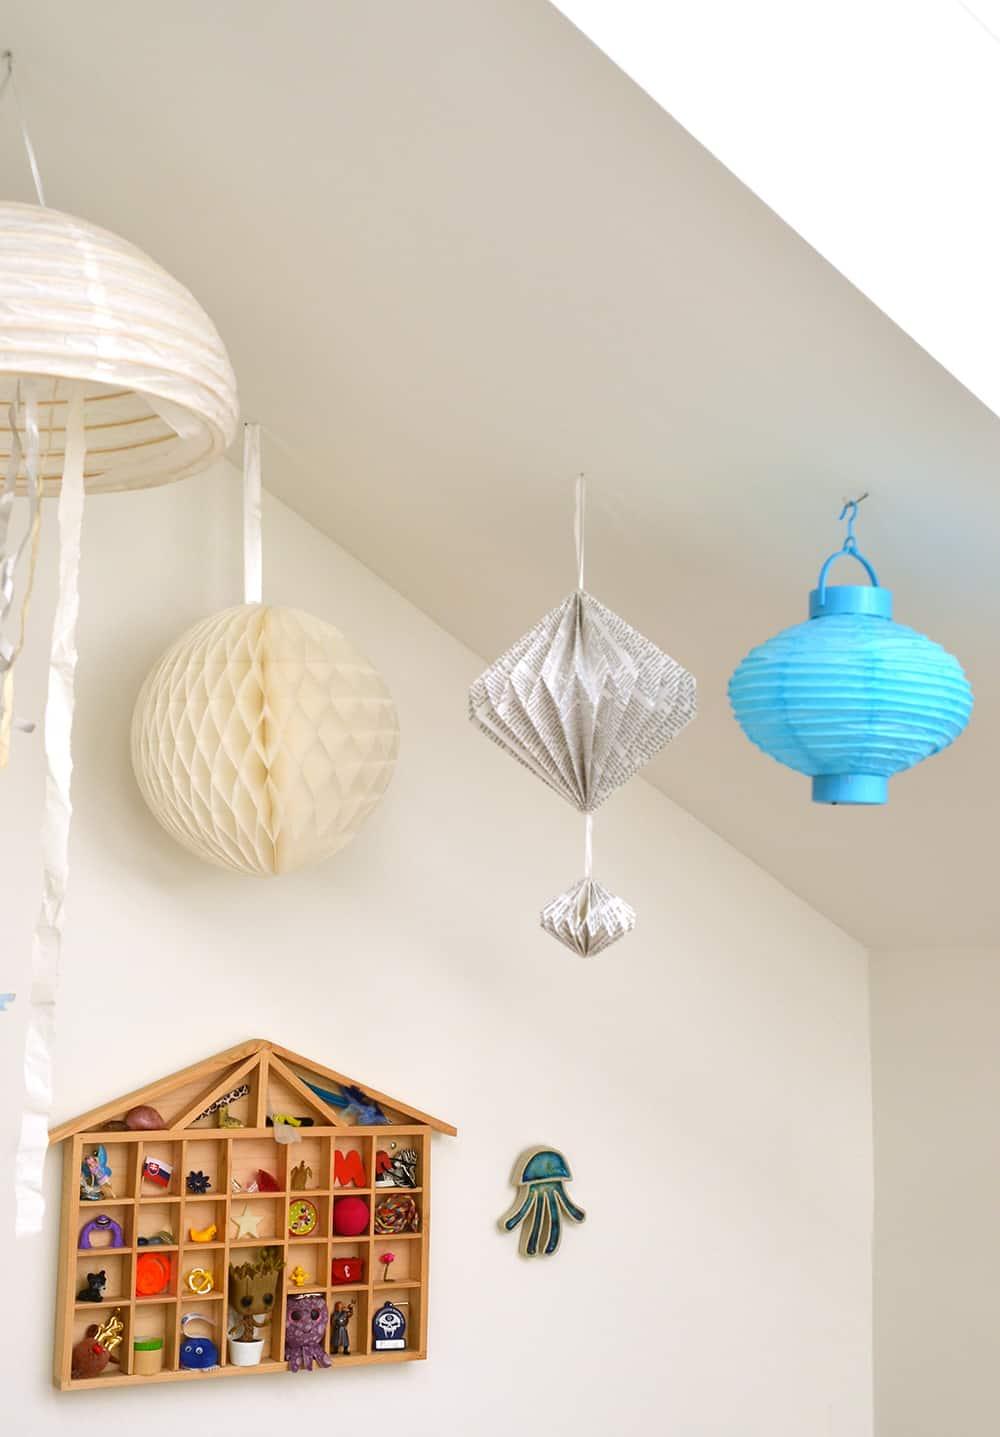 Kinderzimmerdeko: Lampion, Papierobjekte